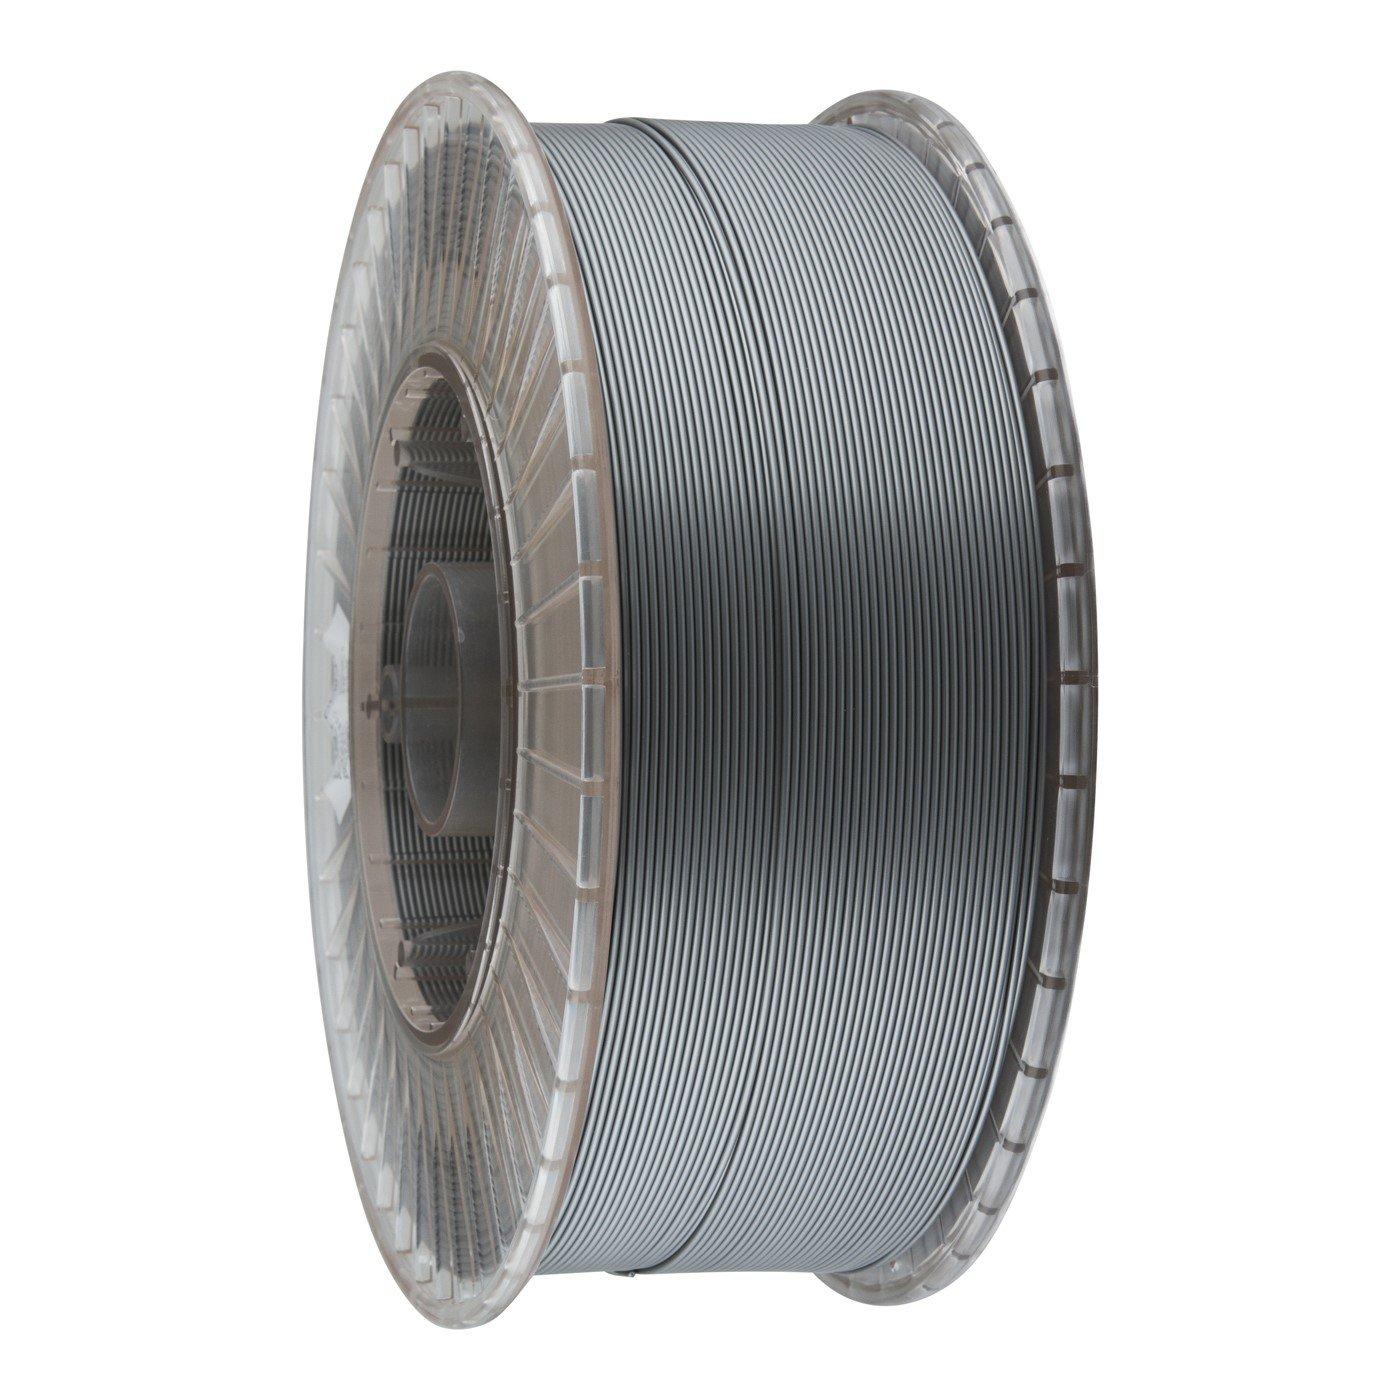 Filamento PETG 2.85mm 3kg COLOR FOTO-1 IMP 3D [7DRW3HVQ]